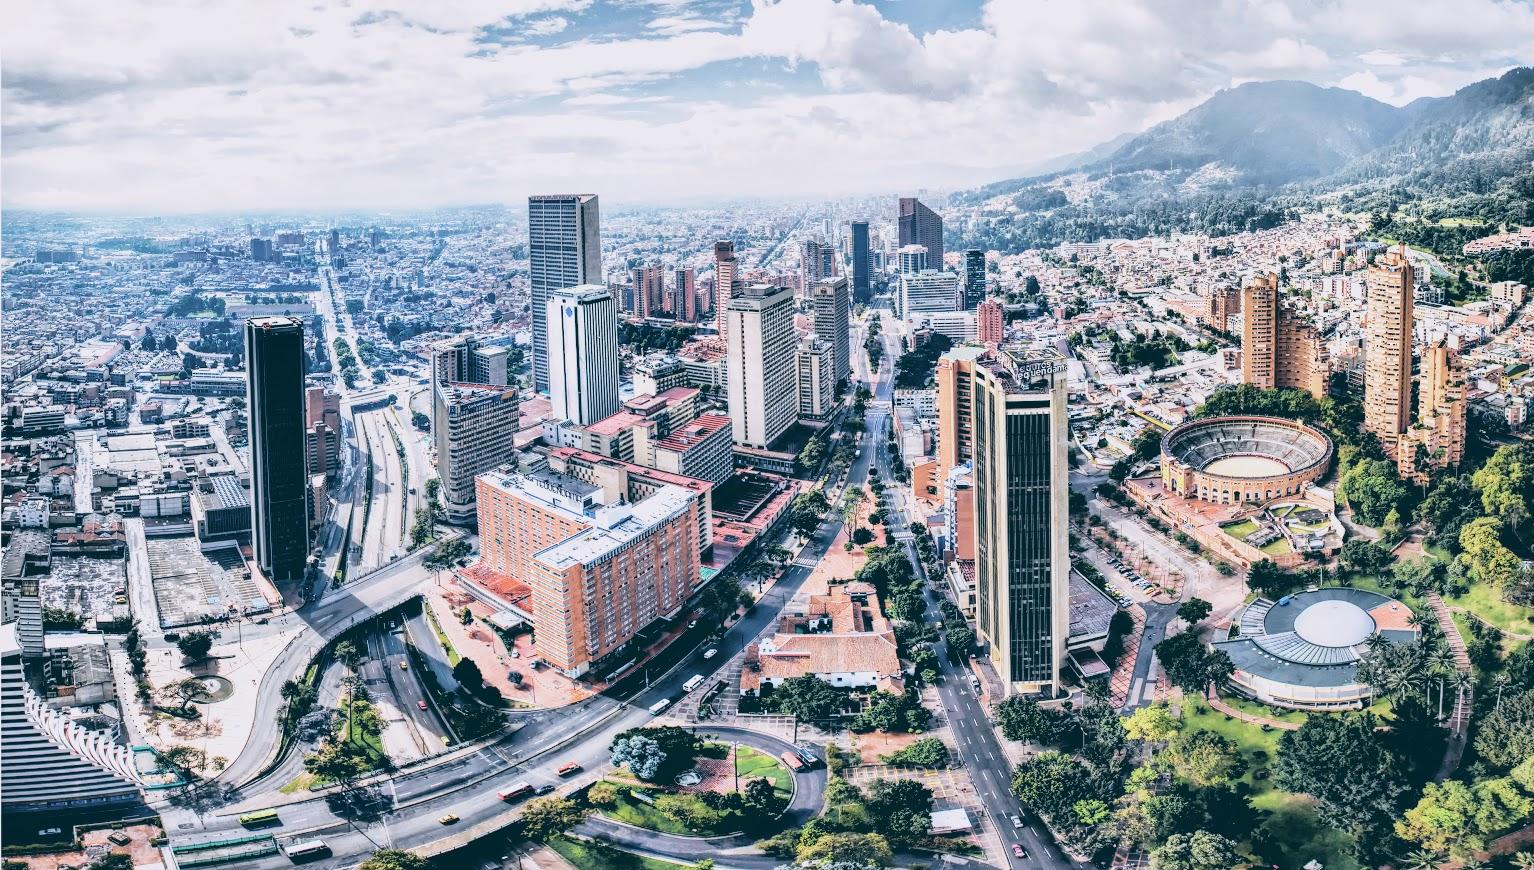 The Weekly Getaway: South American adventure in Bogotá